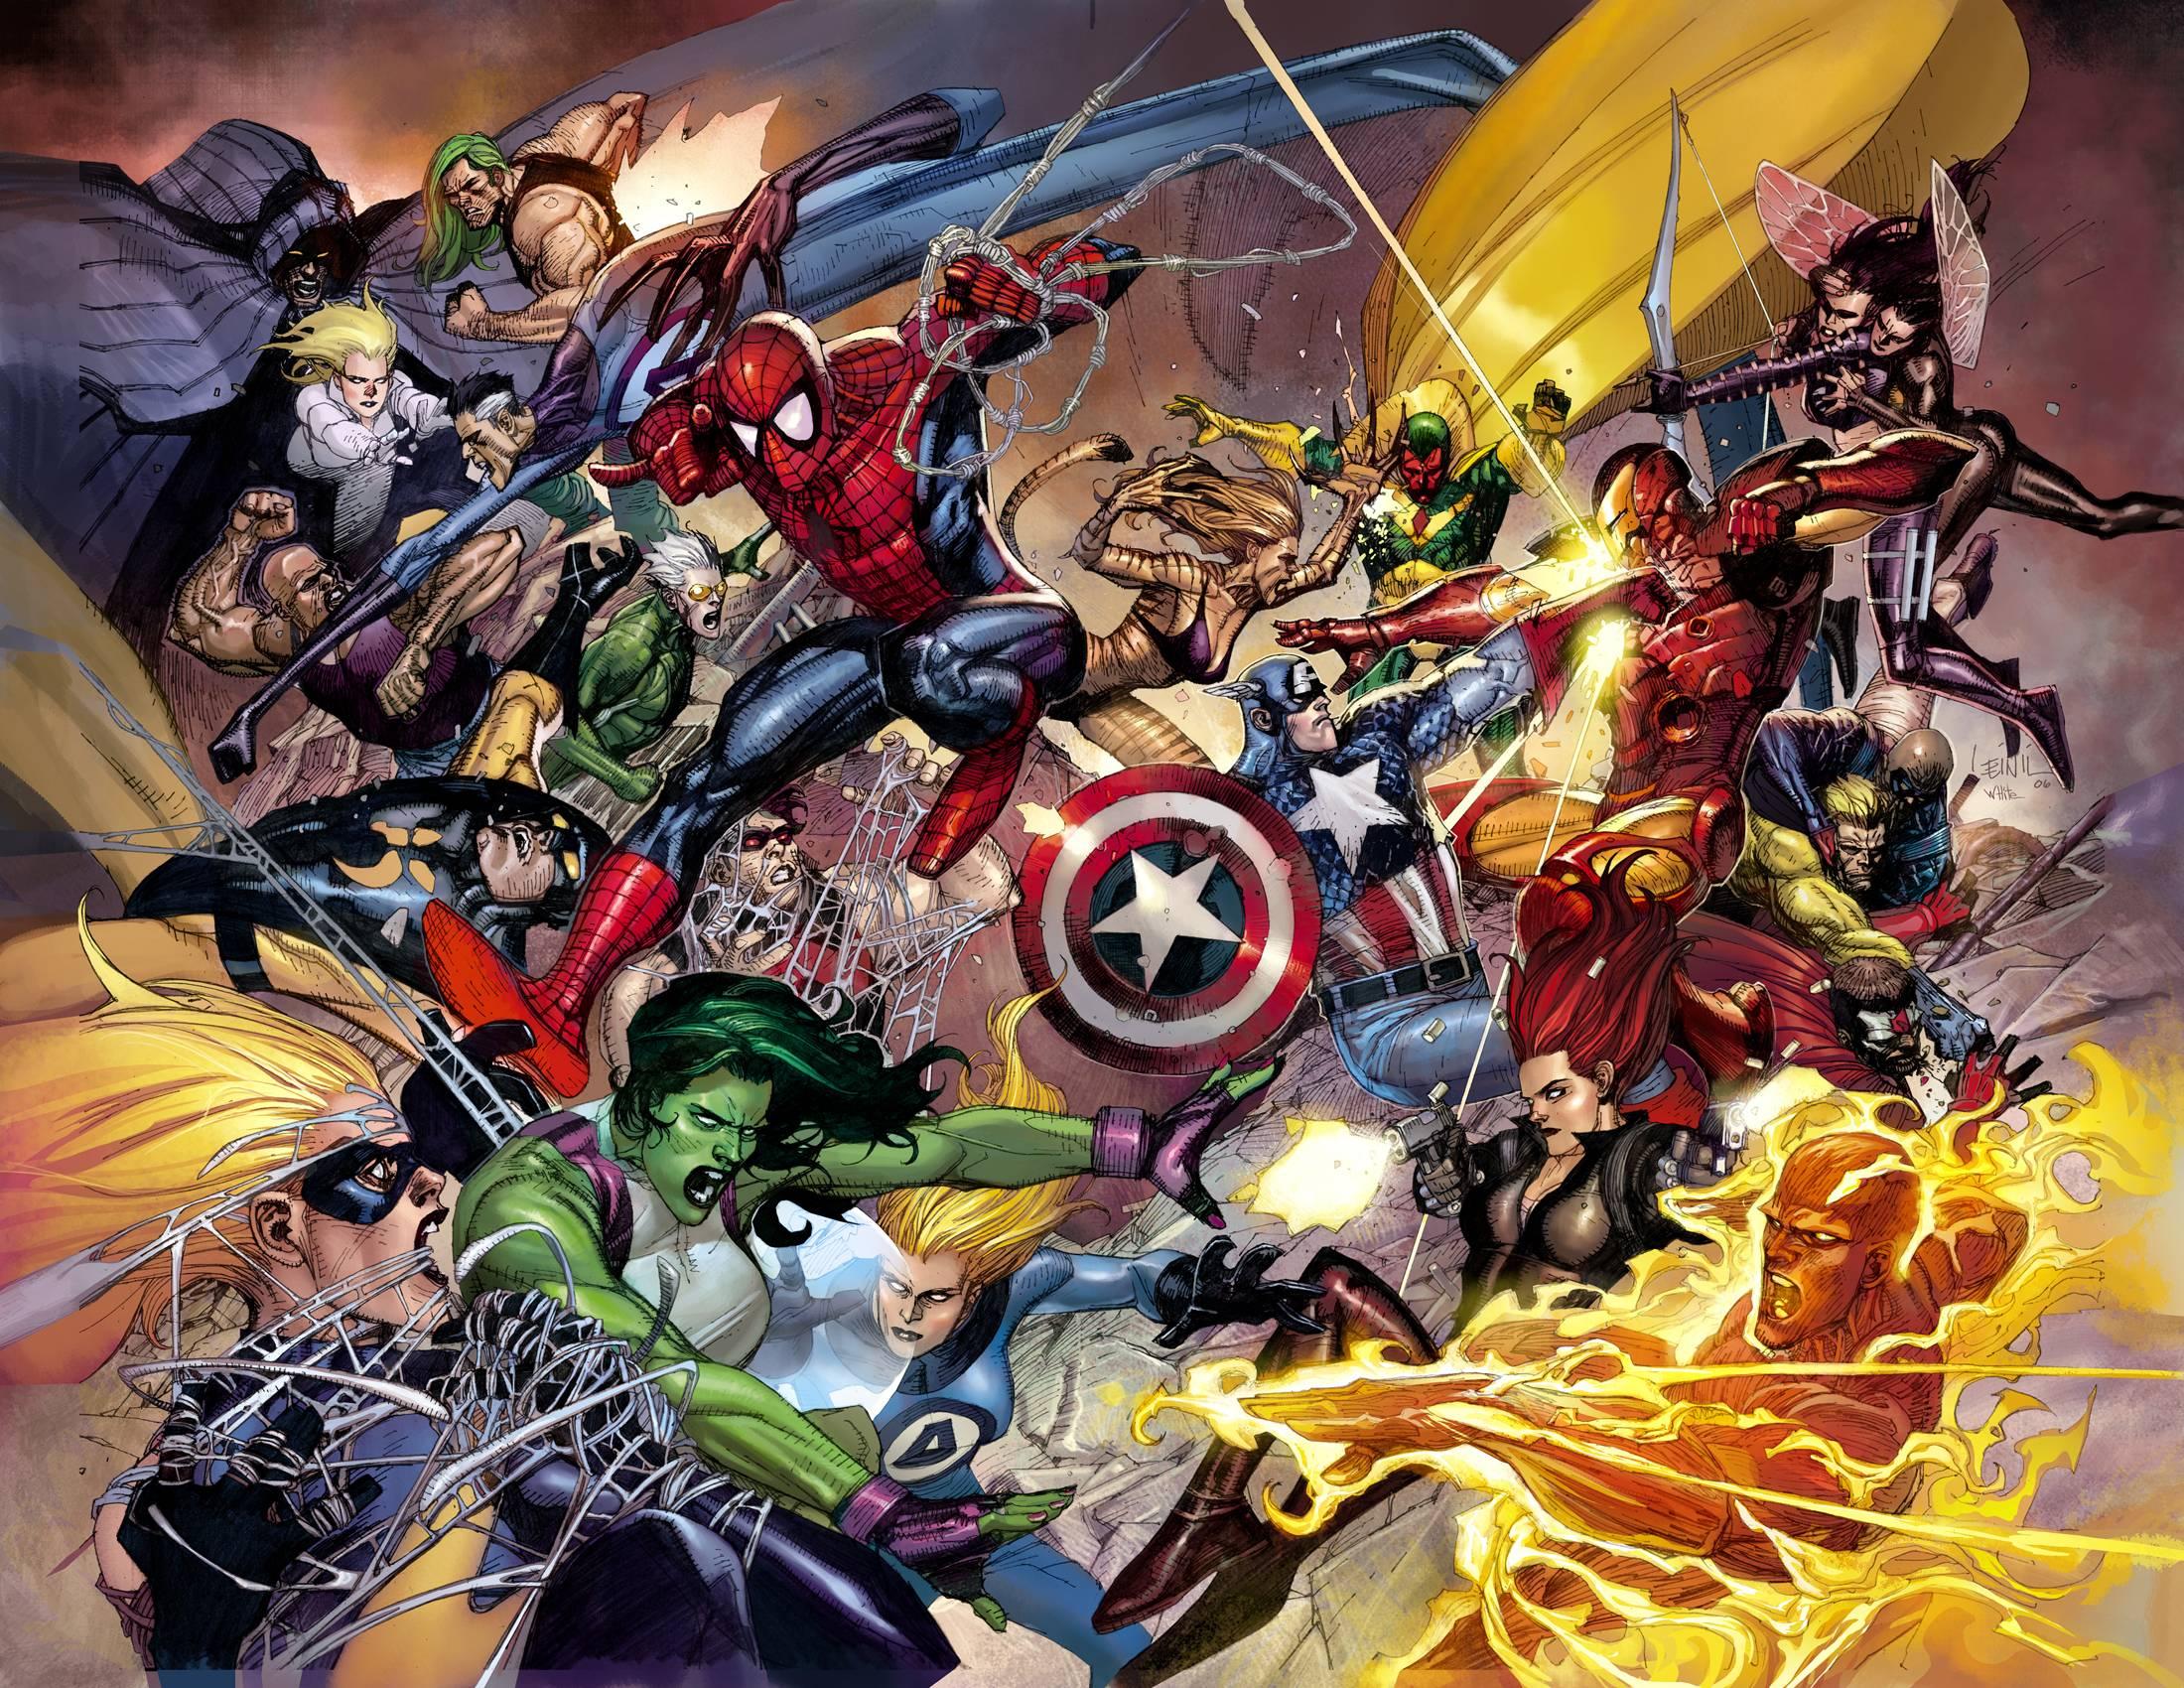 Marvel Civil War Wallpaper - WallpaperSafari